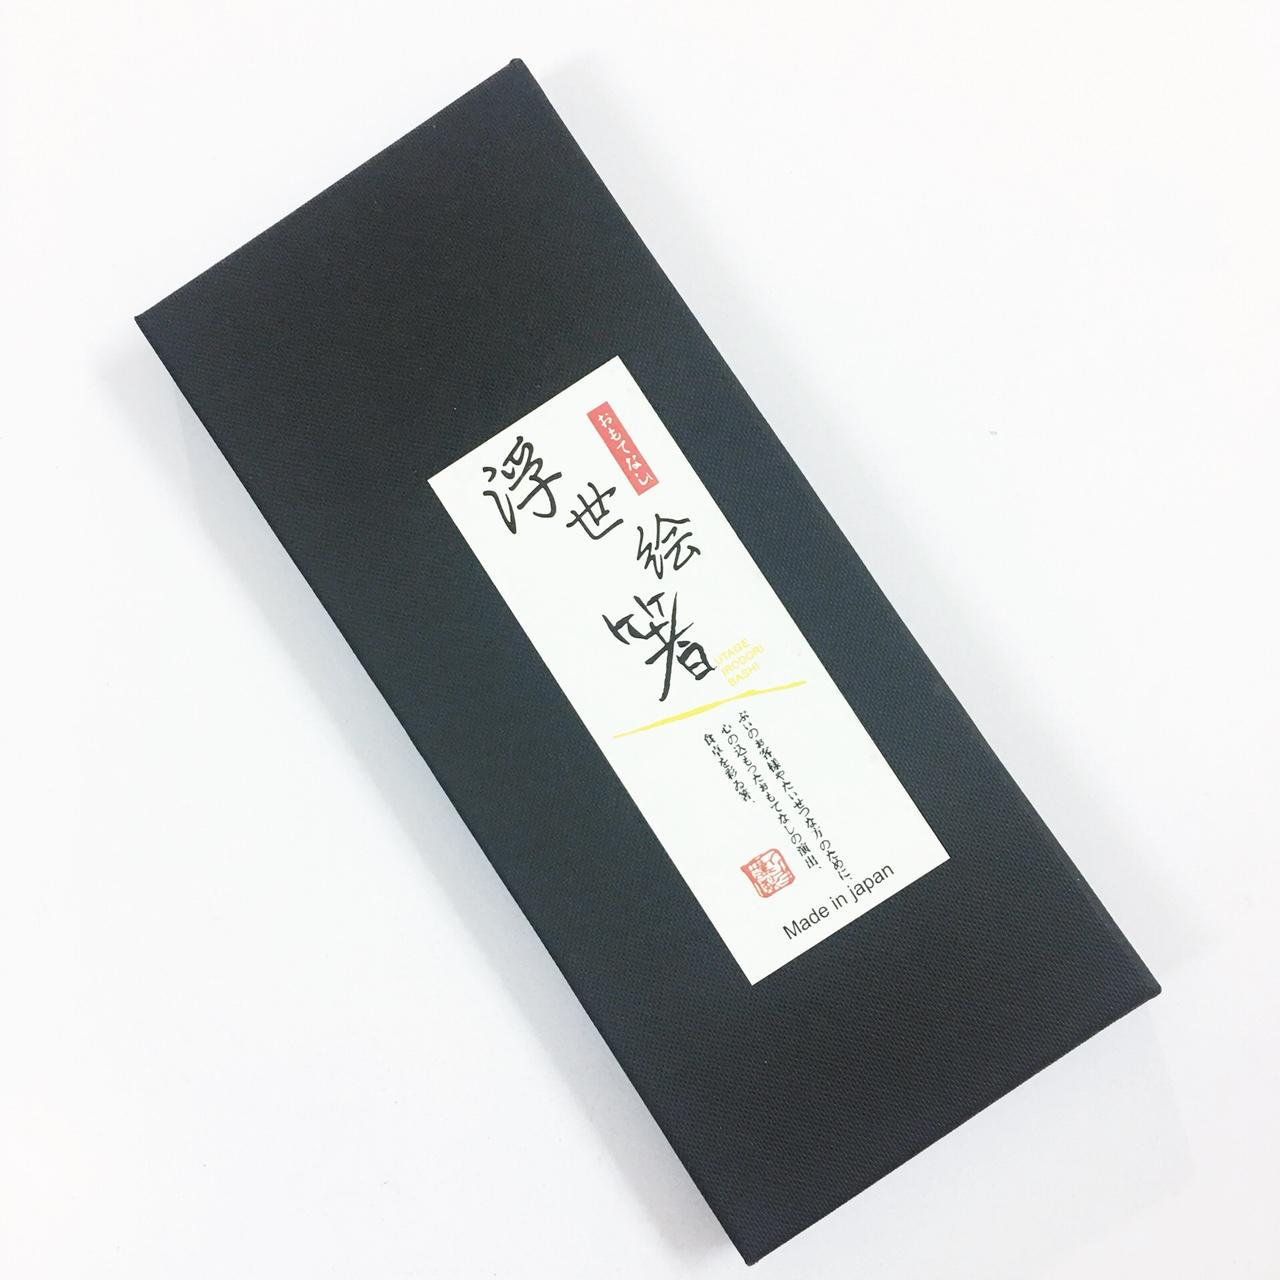 Set 5 đũa ăn Nhật Bản inox 304 mẫu hoa văn đặc ruột đầu đũa có khía chống trơn (giao mẫu ngẫu nhiên)